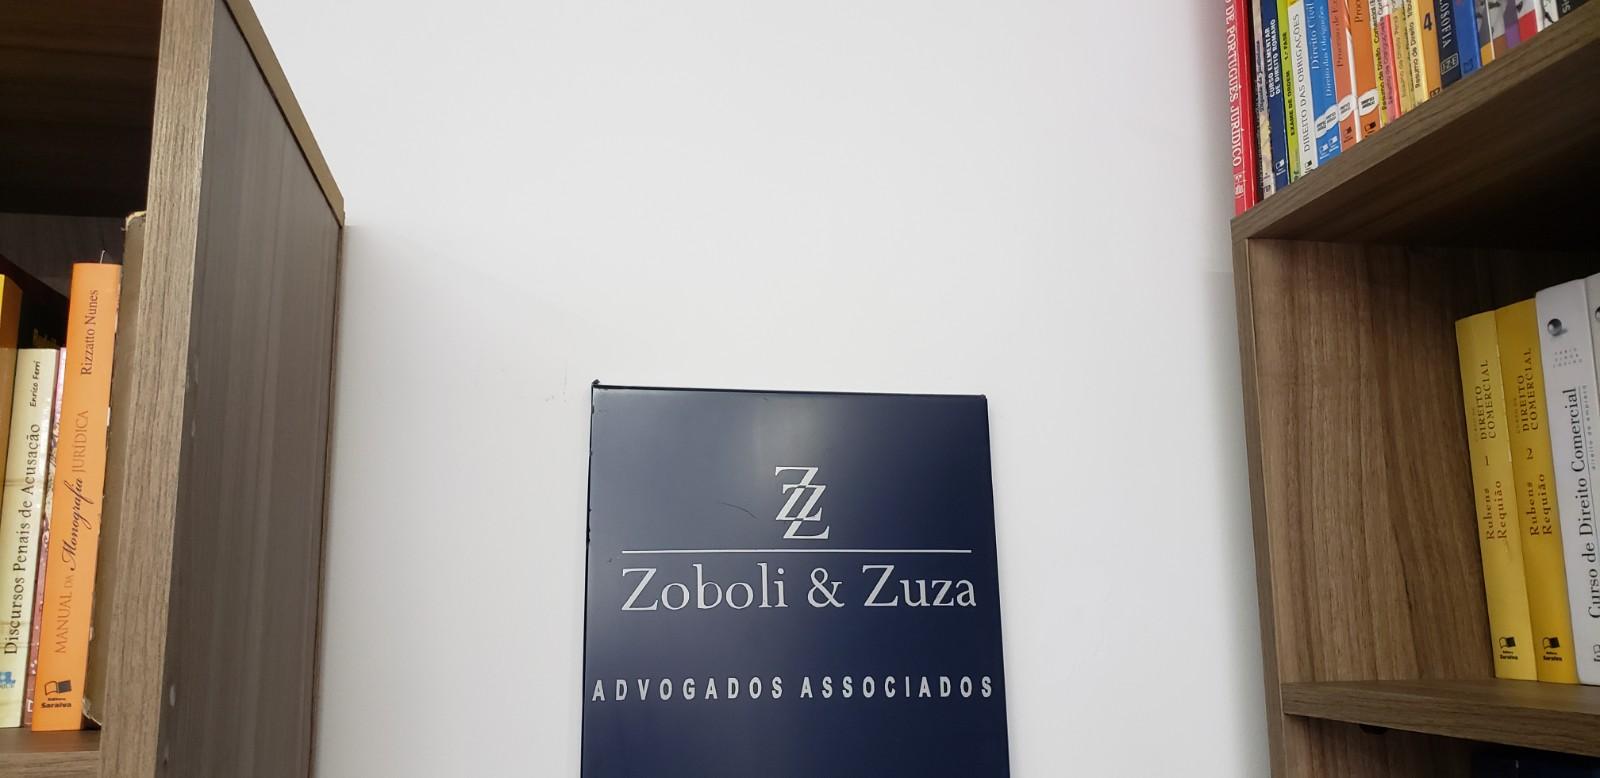 Placa Logo - Zoboli & Zuza